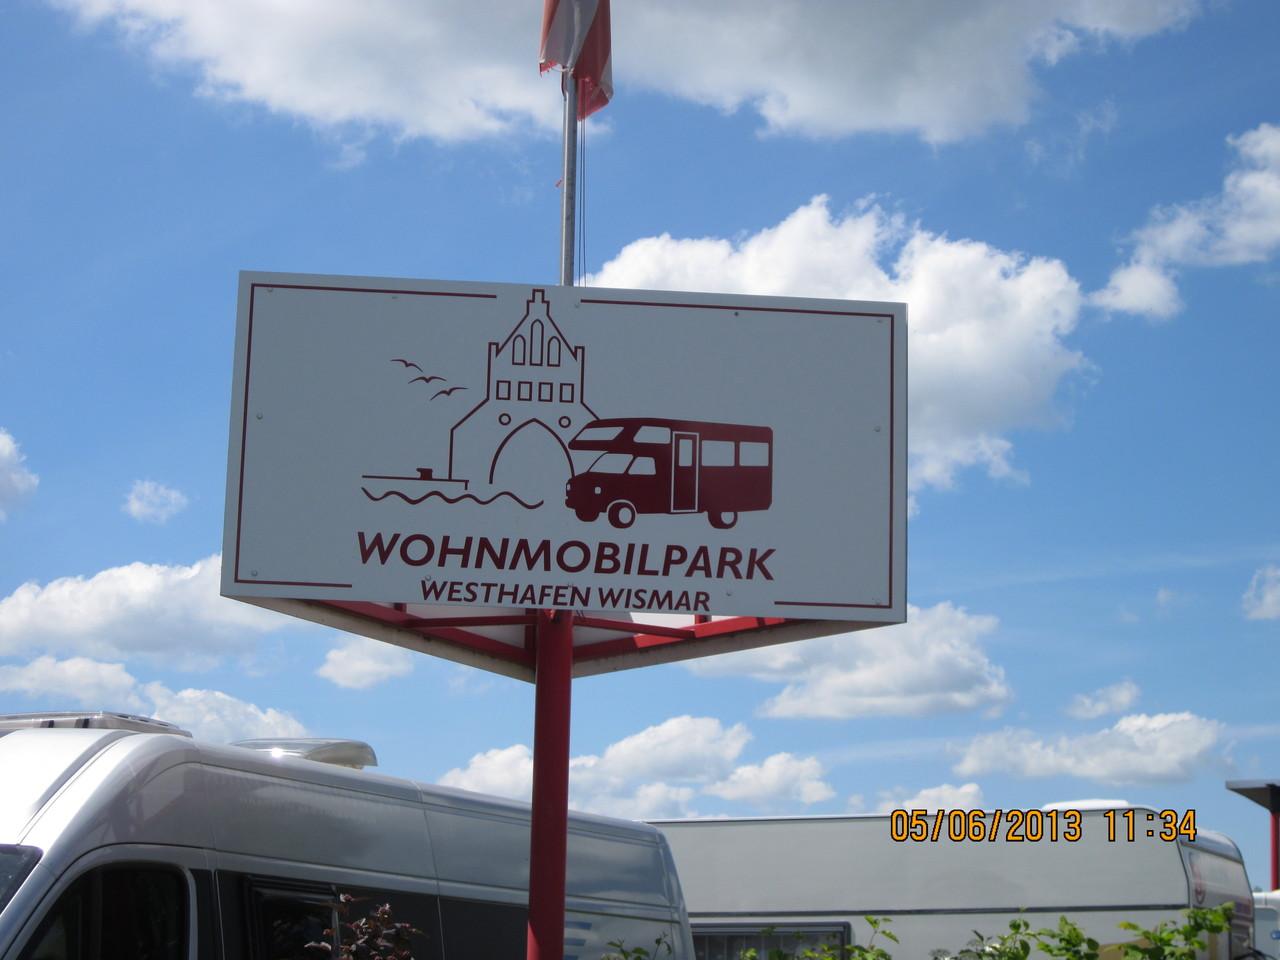 http://www.wohnmobilpark-wismar.de/